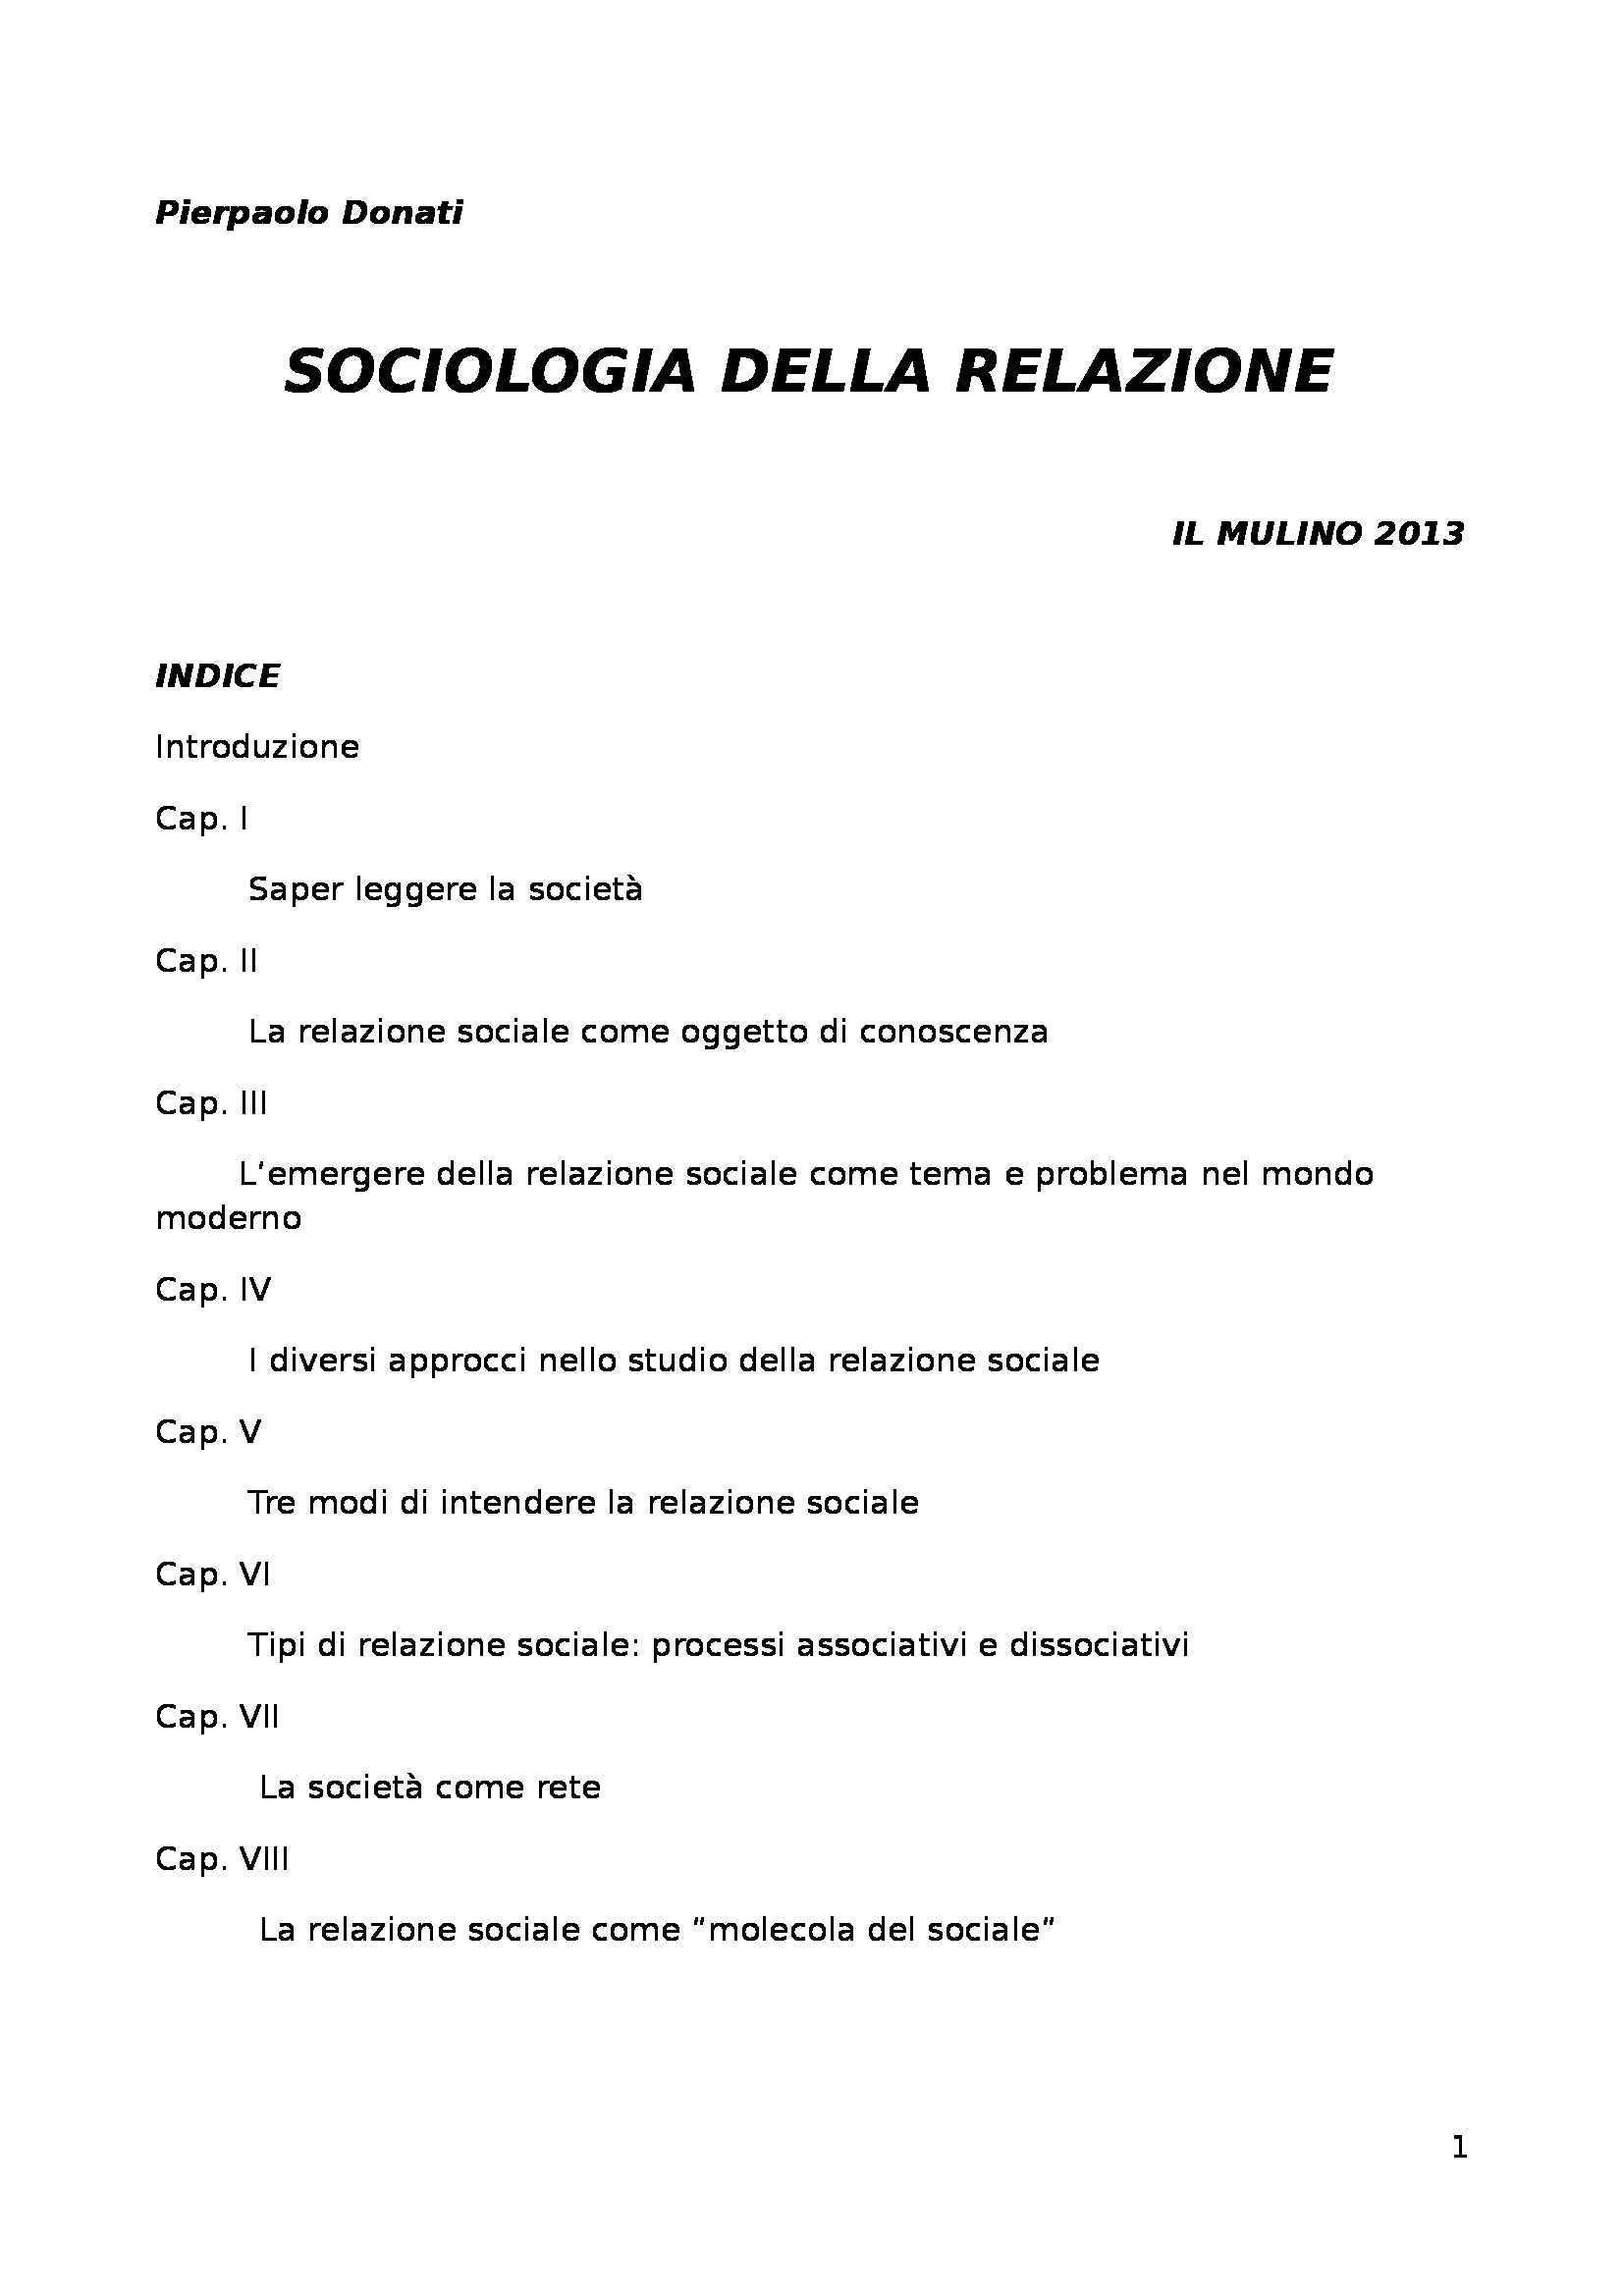 Sociologia della relazione, Donati - Riassunto esame